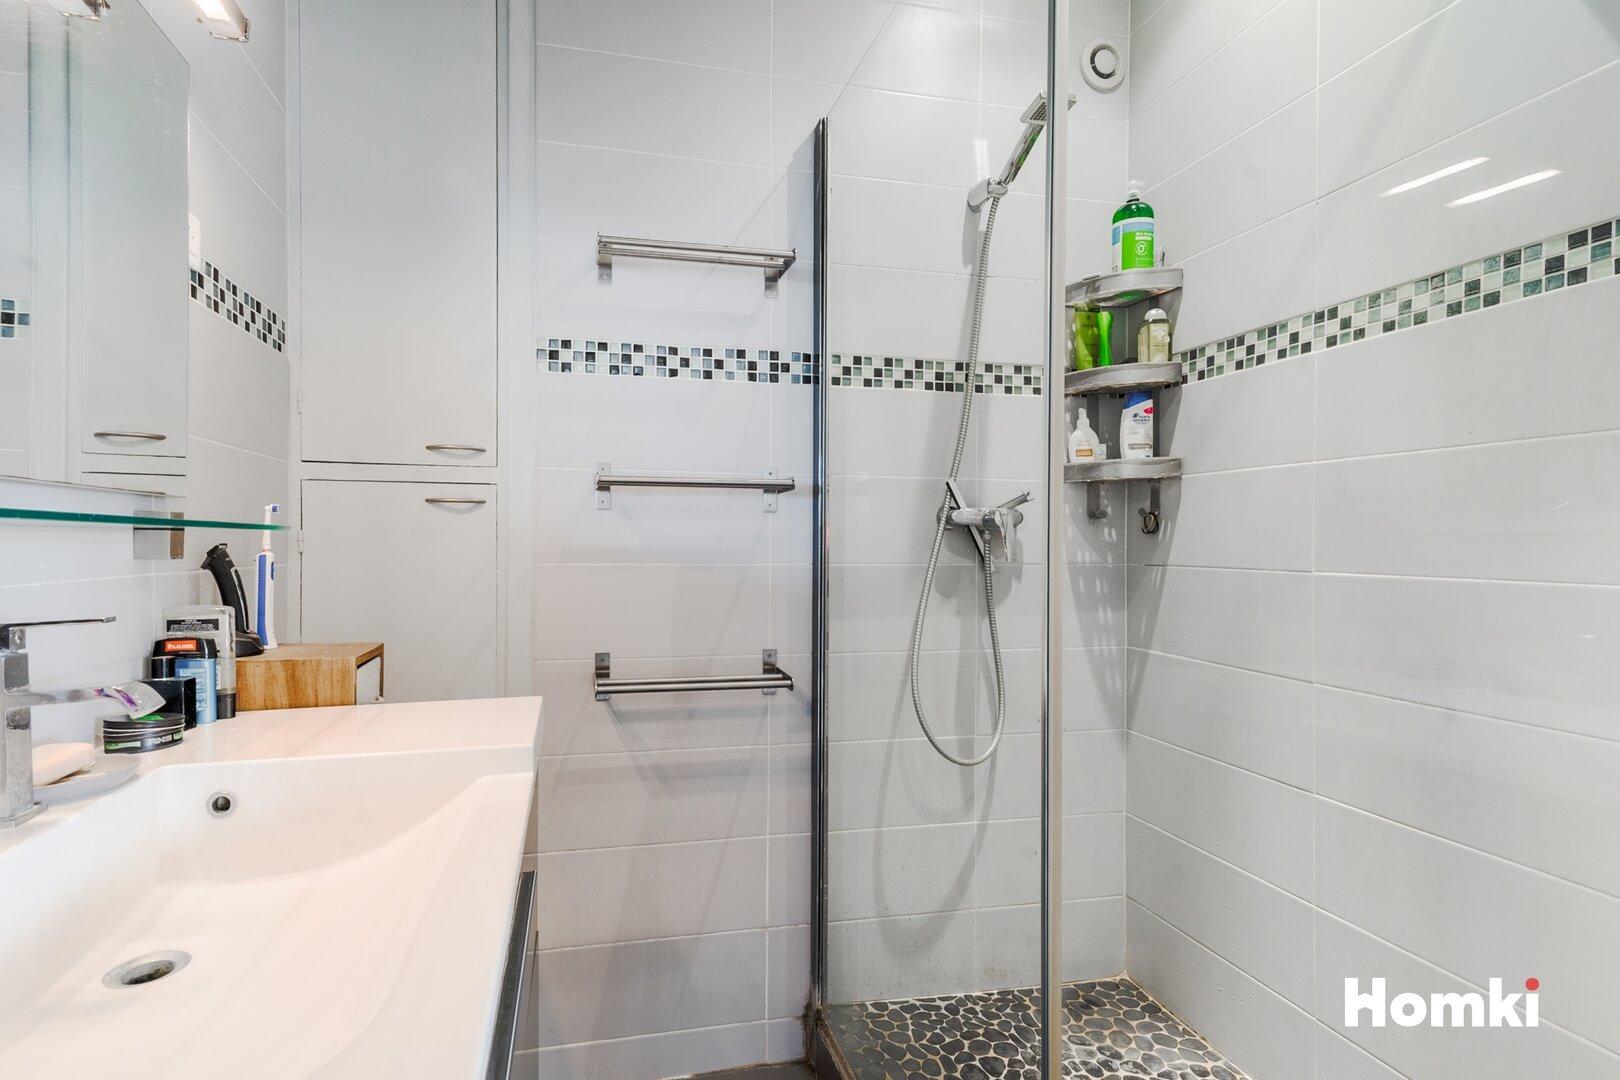 Homki - Vente Appartement  de 77.0 m² à Marseille 13005